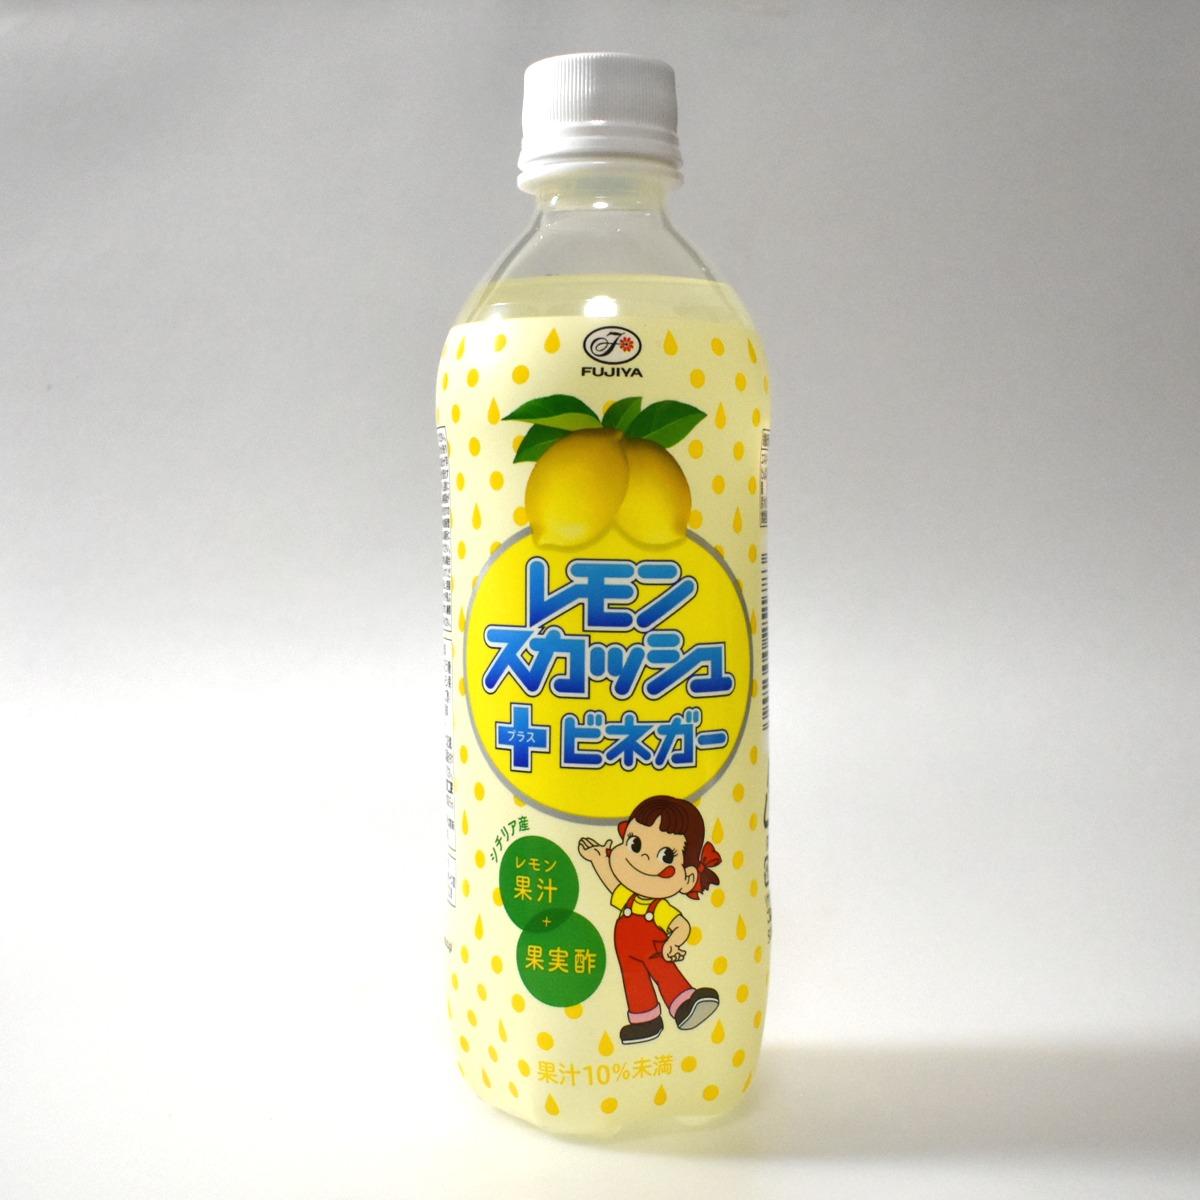 レモンスカッシュ+(プラス)ビネガー